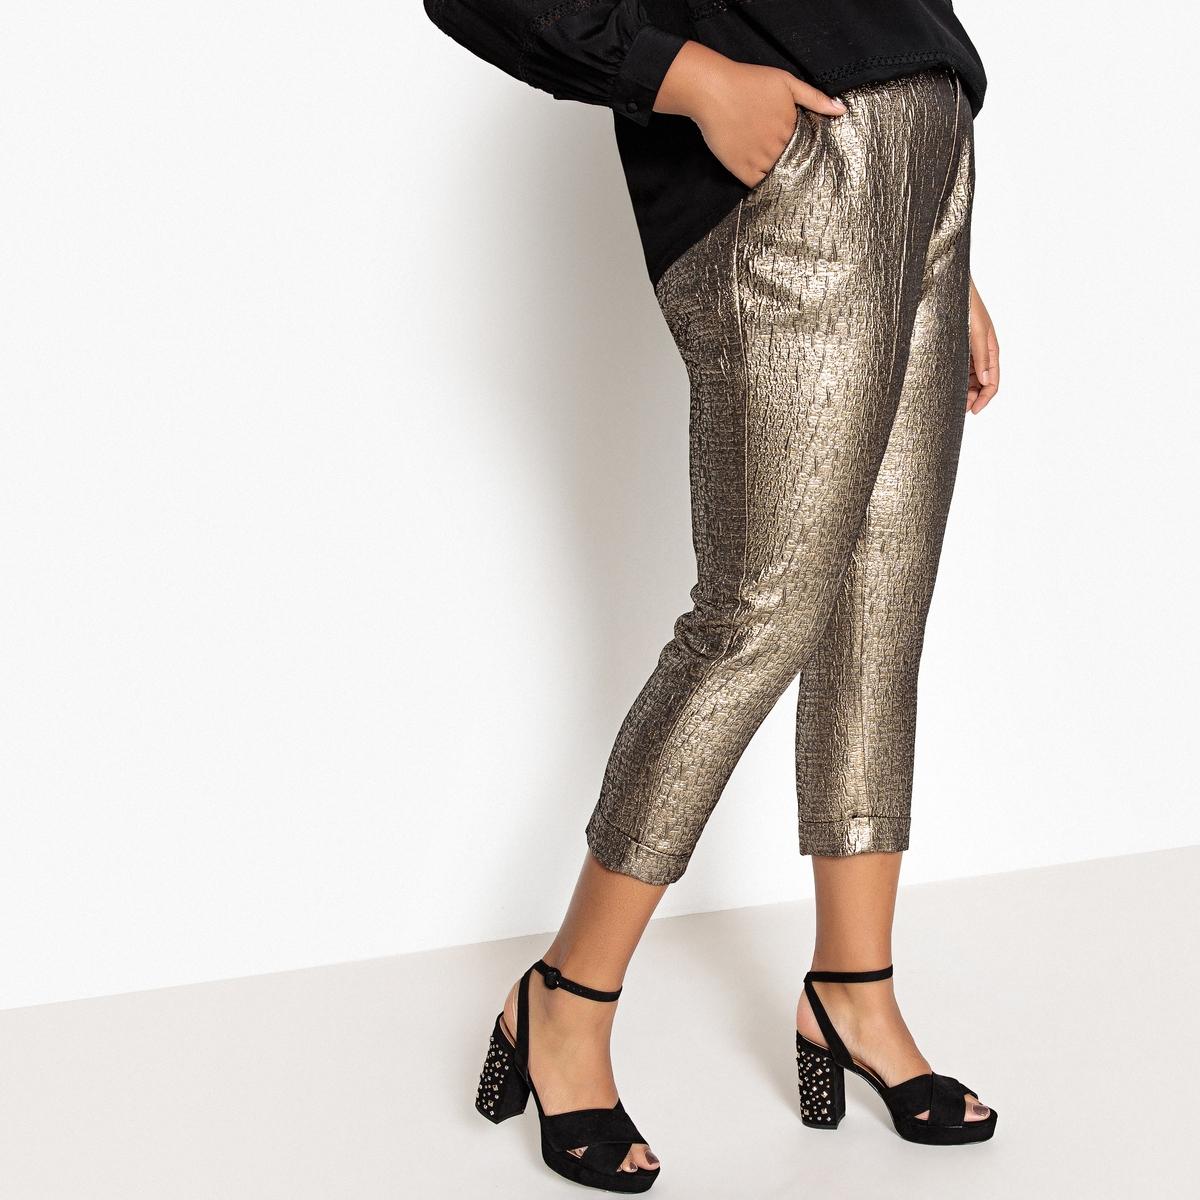 Брюки узкие, дудочки, с жаккардовым рисунком брюки узкие дудочки